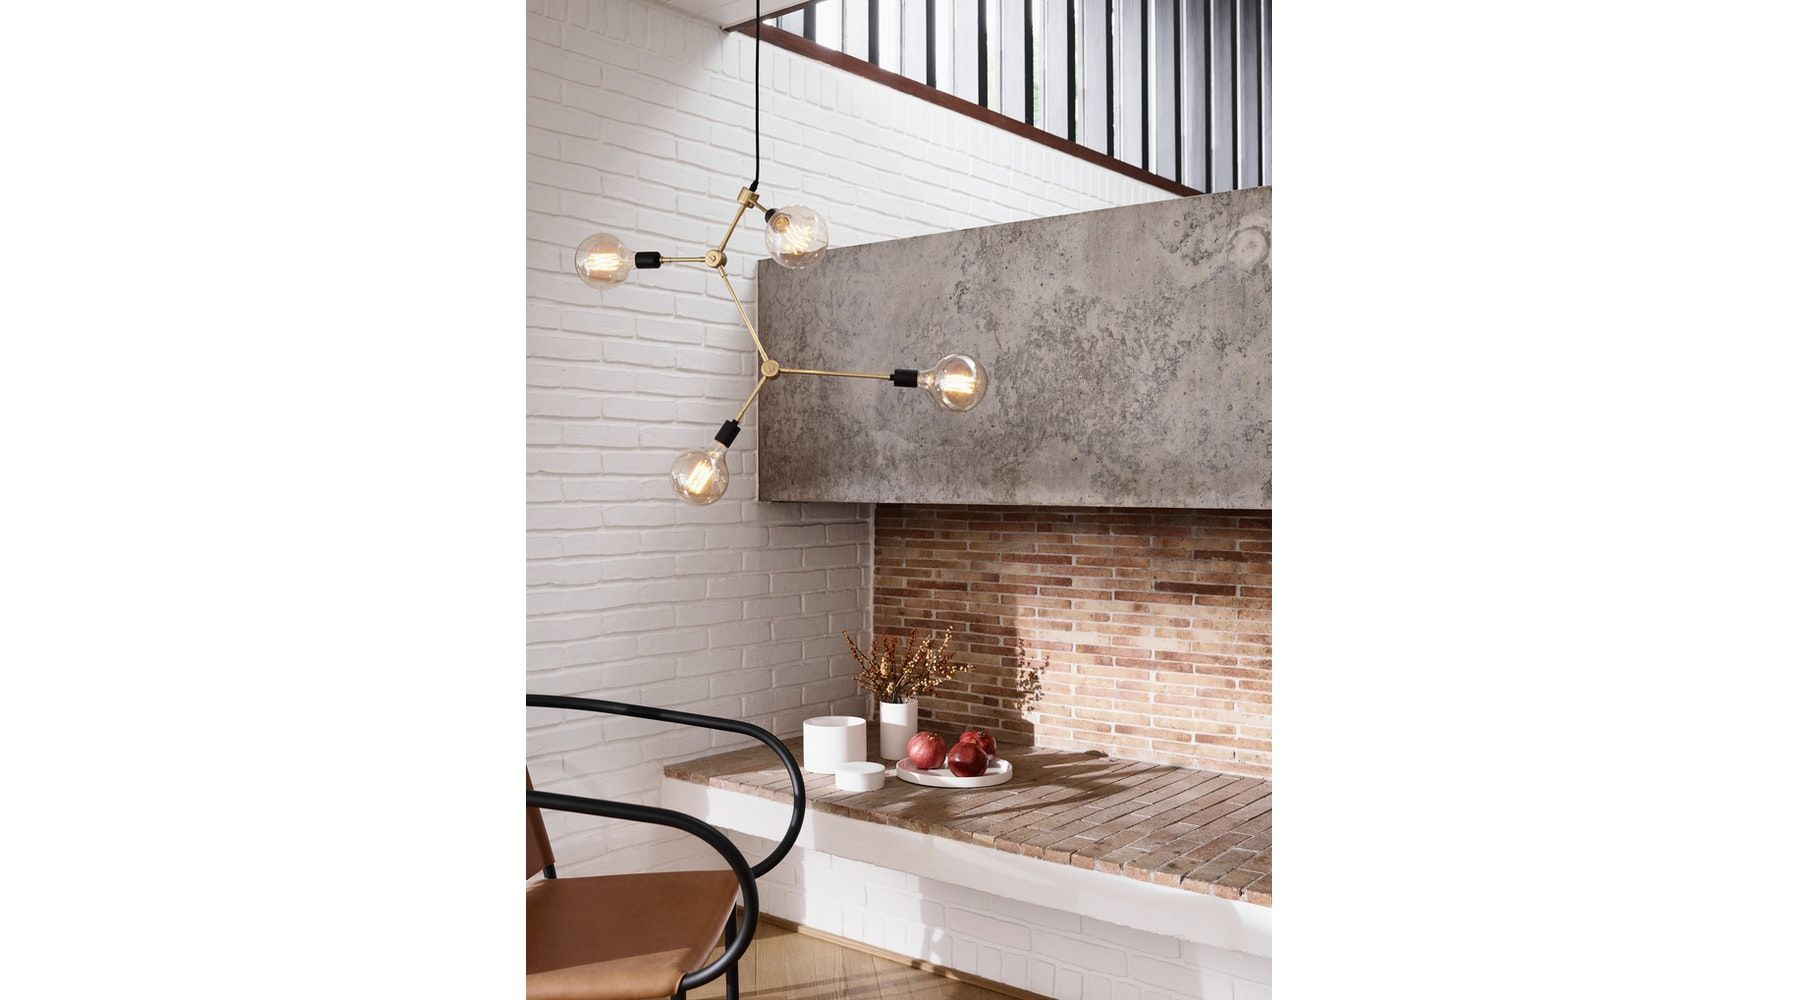 Franklin Chandelier By Menu Furniture In 2020 Menu Furni